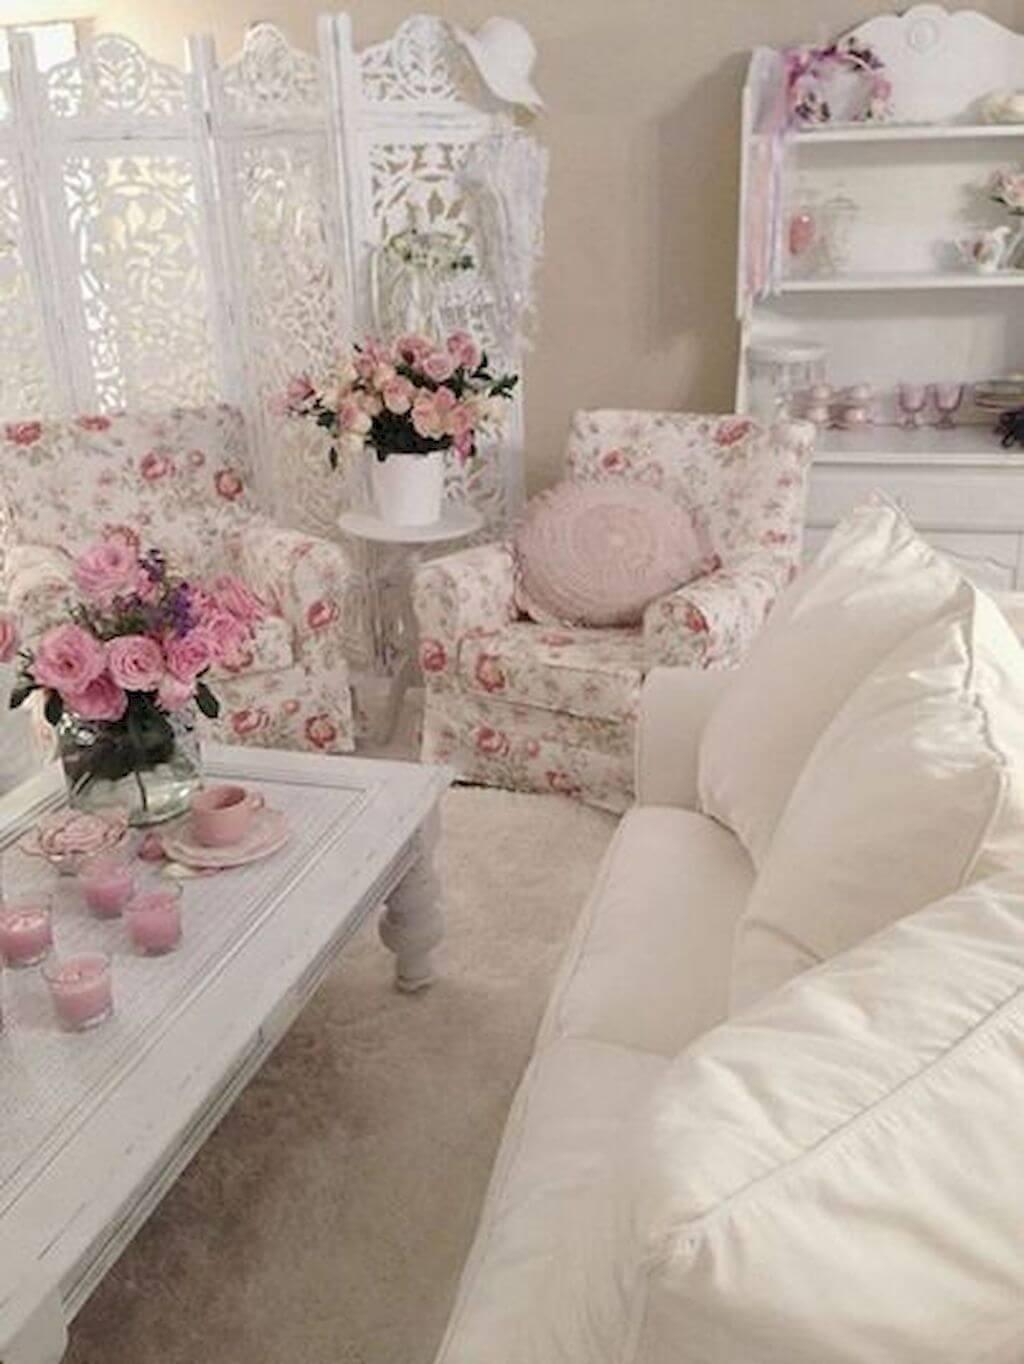 Inviter l'espace pour l'heure du thé